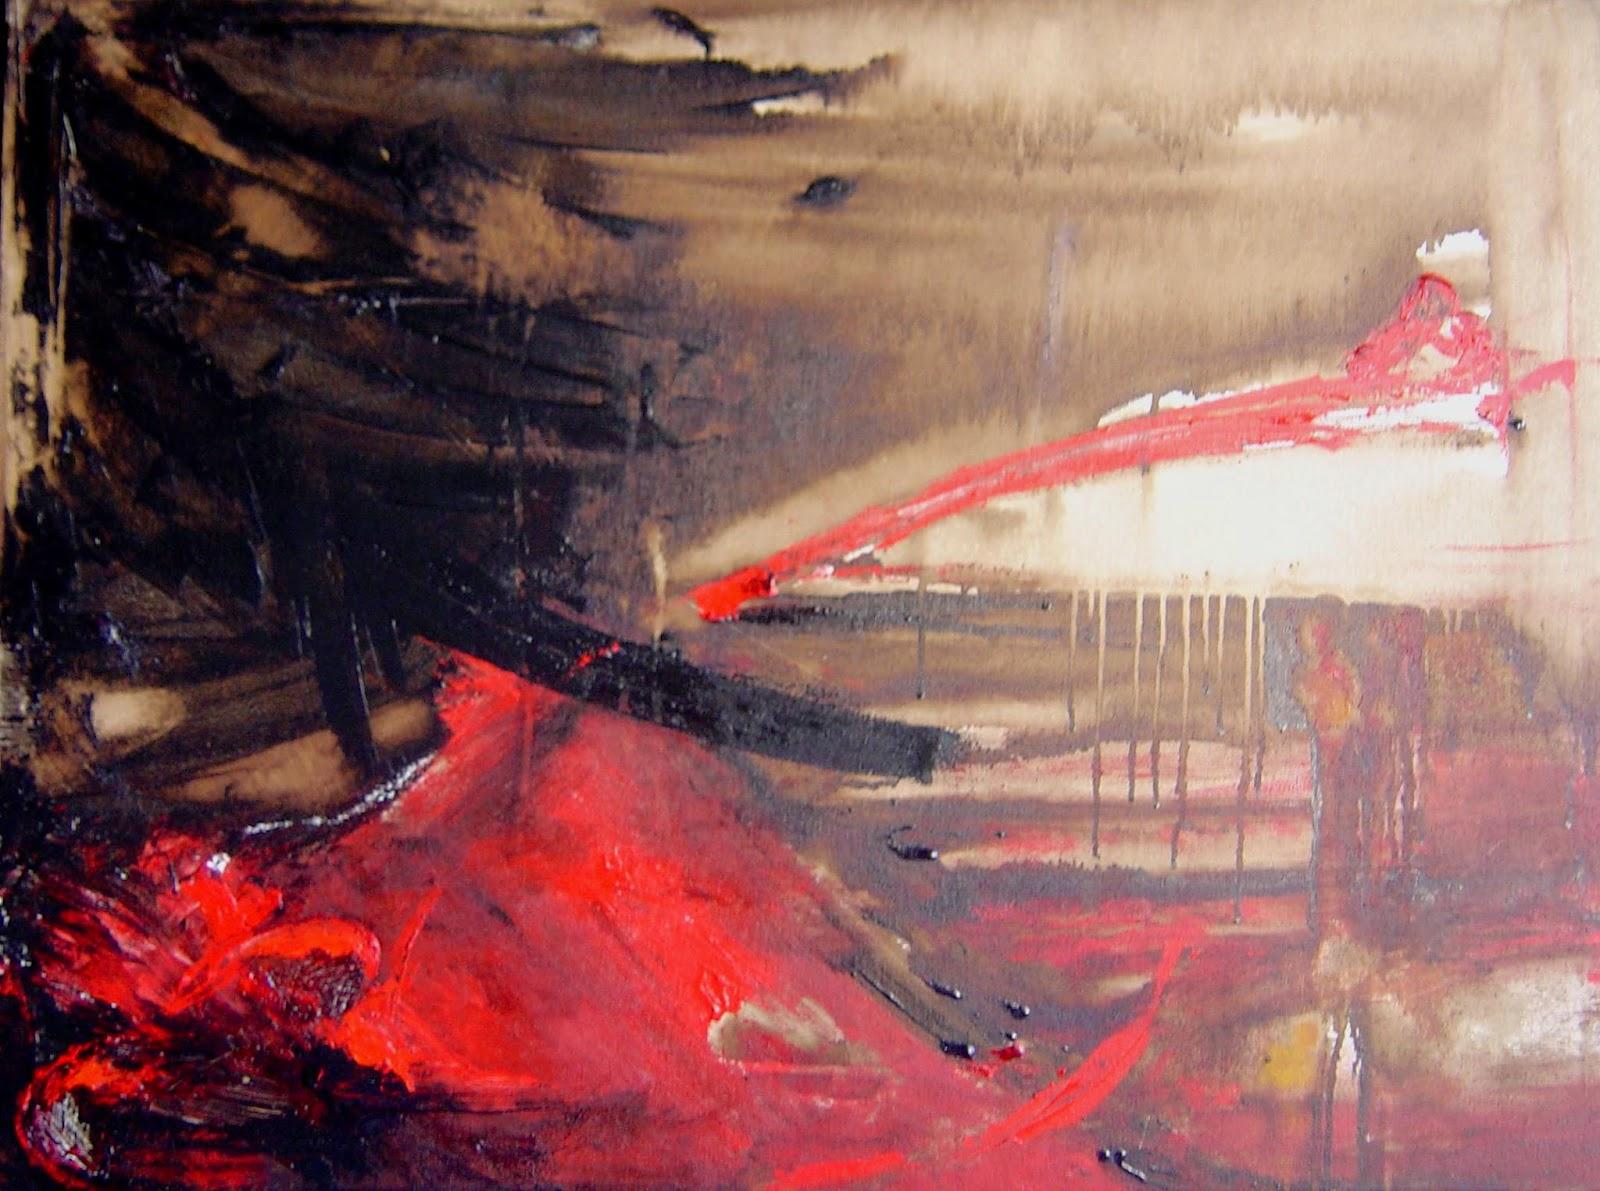 Pinturas abstractas de vanina martinez rojas for Imagenes de cuadros abstractos rusticos